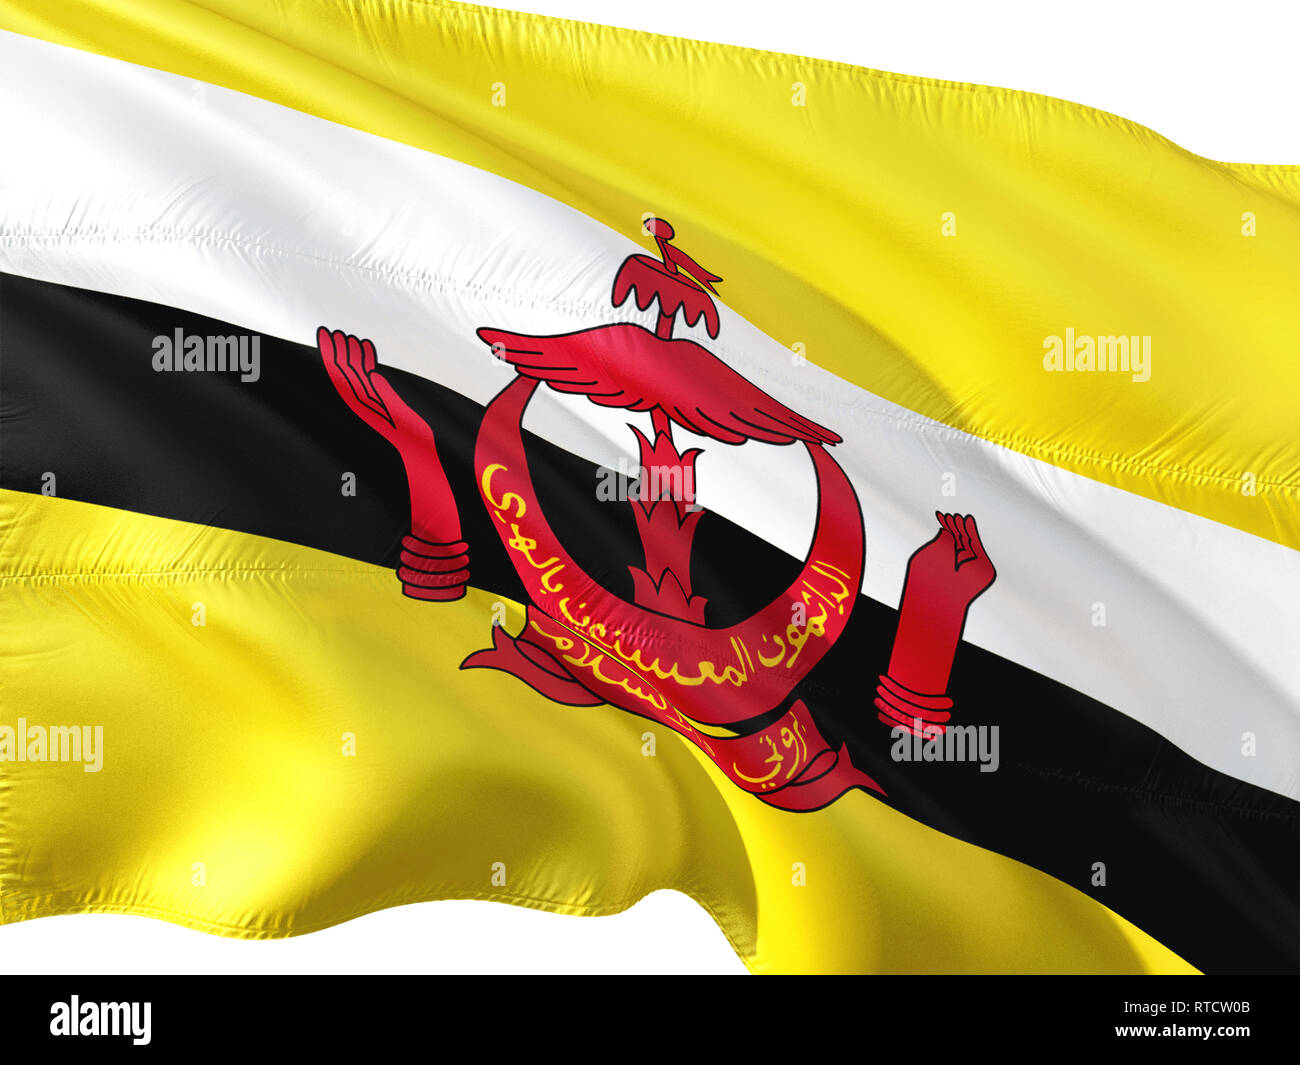 Bandiera del Brunei sventolare nel vento, isolato sullo sfondo bianco. Immagini Stock